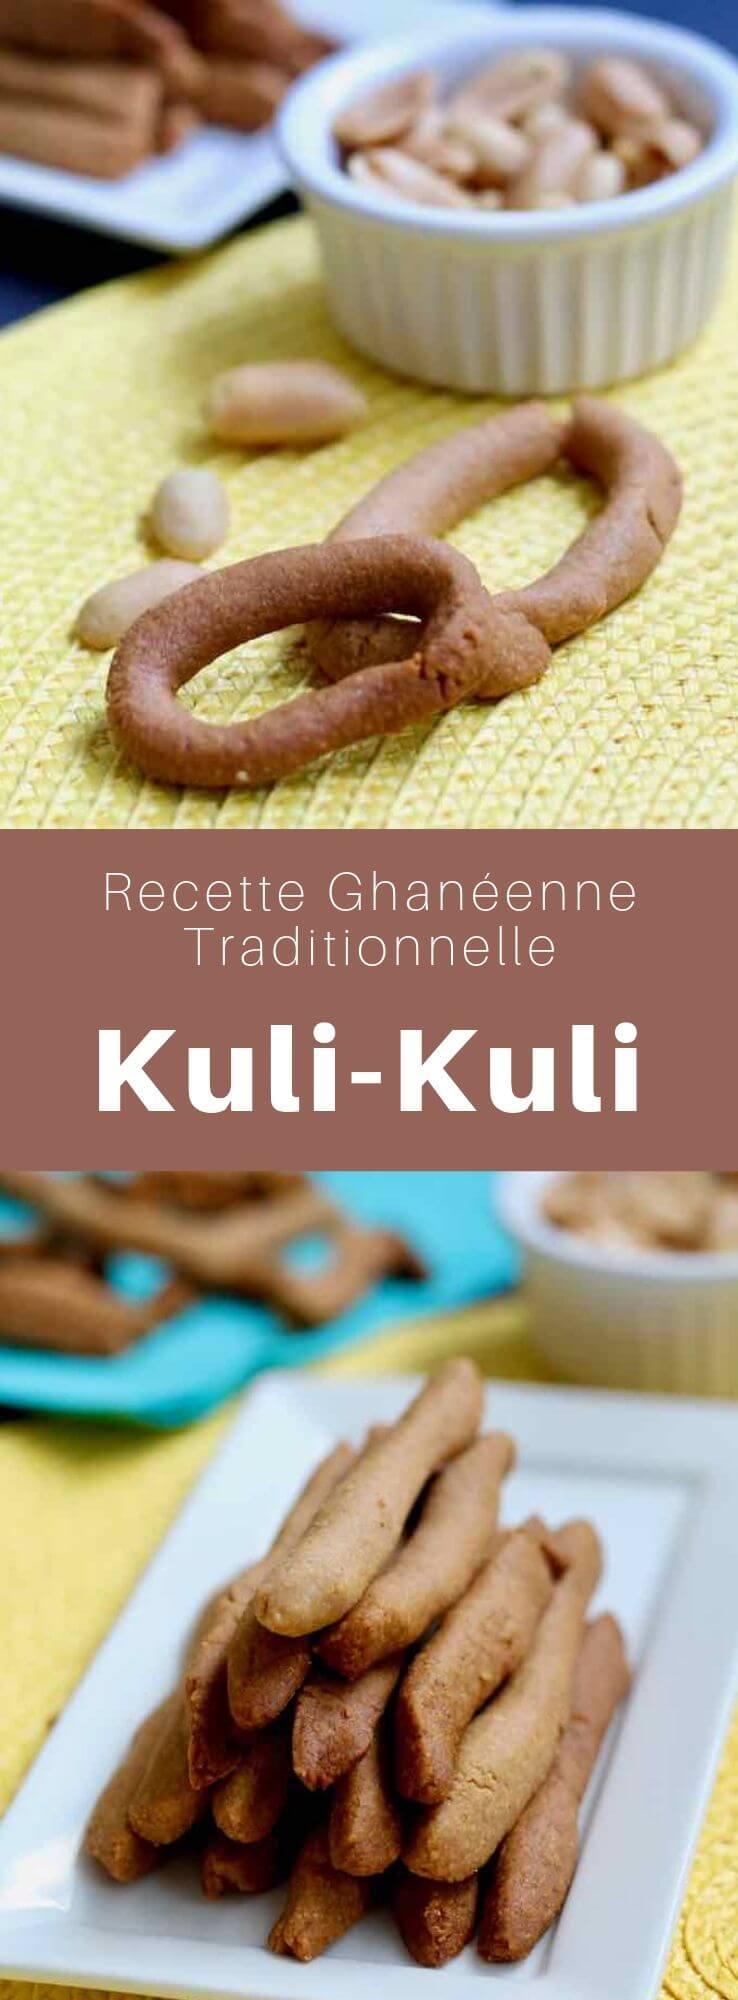 Le kuli-kuli est un snack frit ouest-africain à base d'arachides, populaire au Nigeria, au Bénin, dans le nord du Cameroun et au Ghana. #Ghana #Afrique #AfriqueDeLouest #RecetteAfricaine #CuisineAfricaine #CuisineDuMonde #196flavors